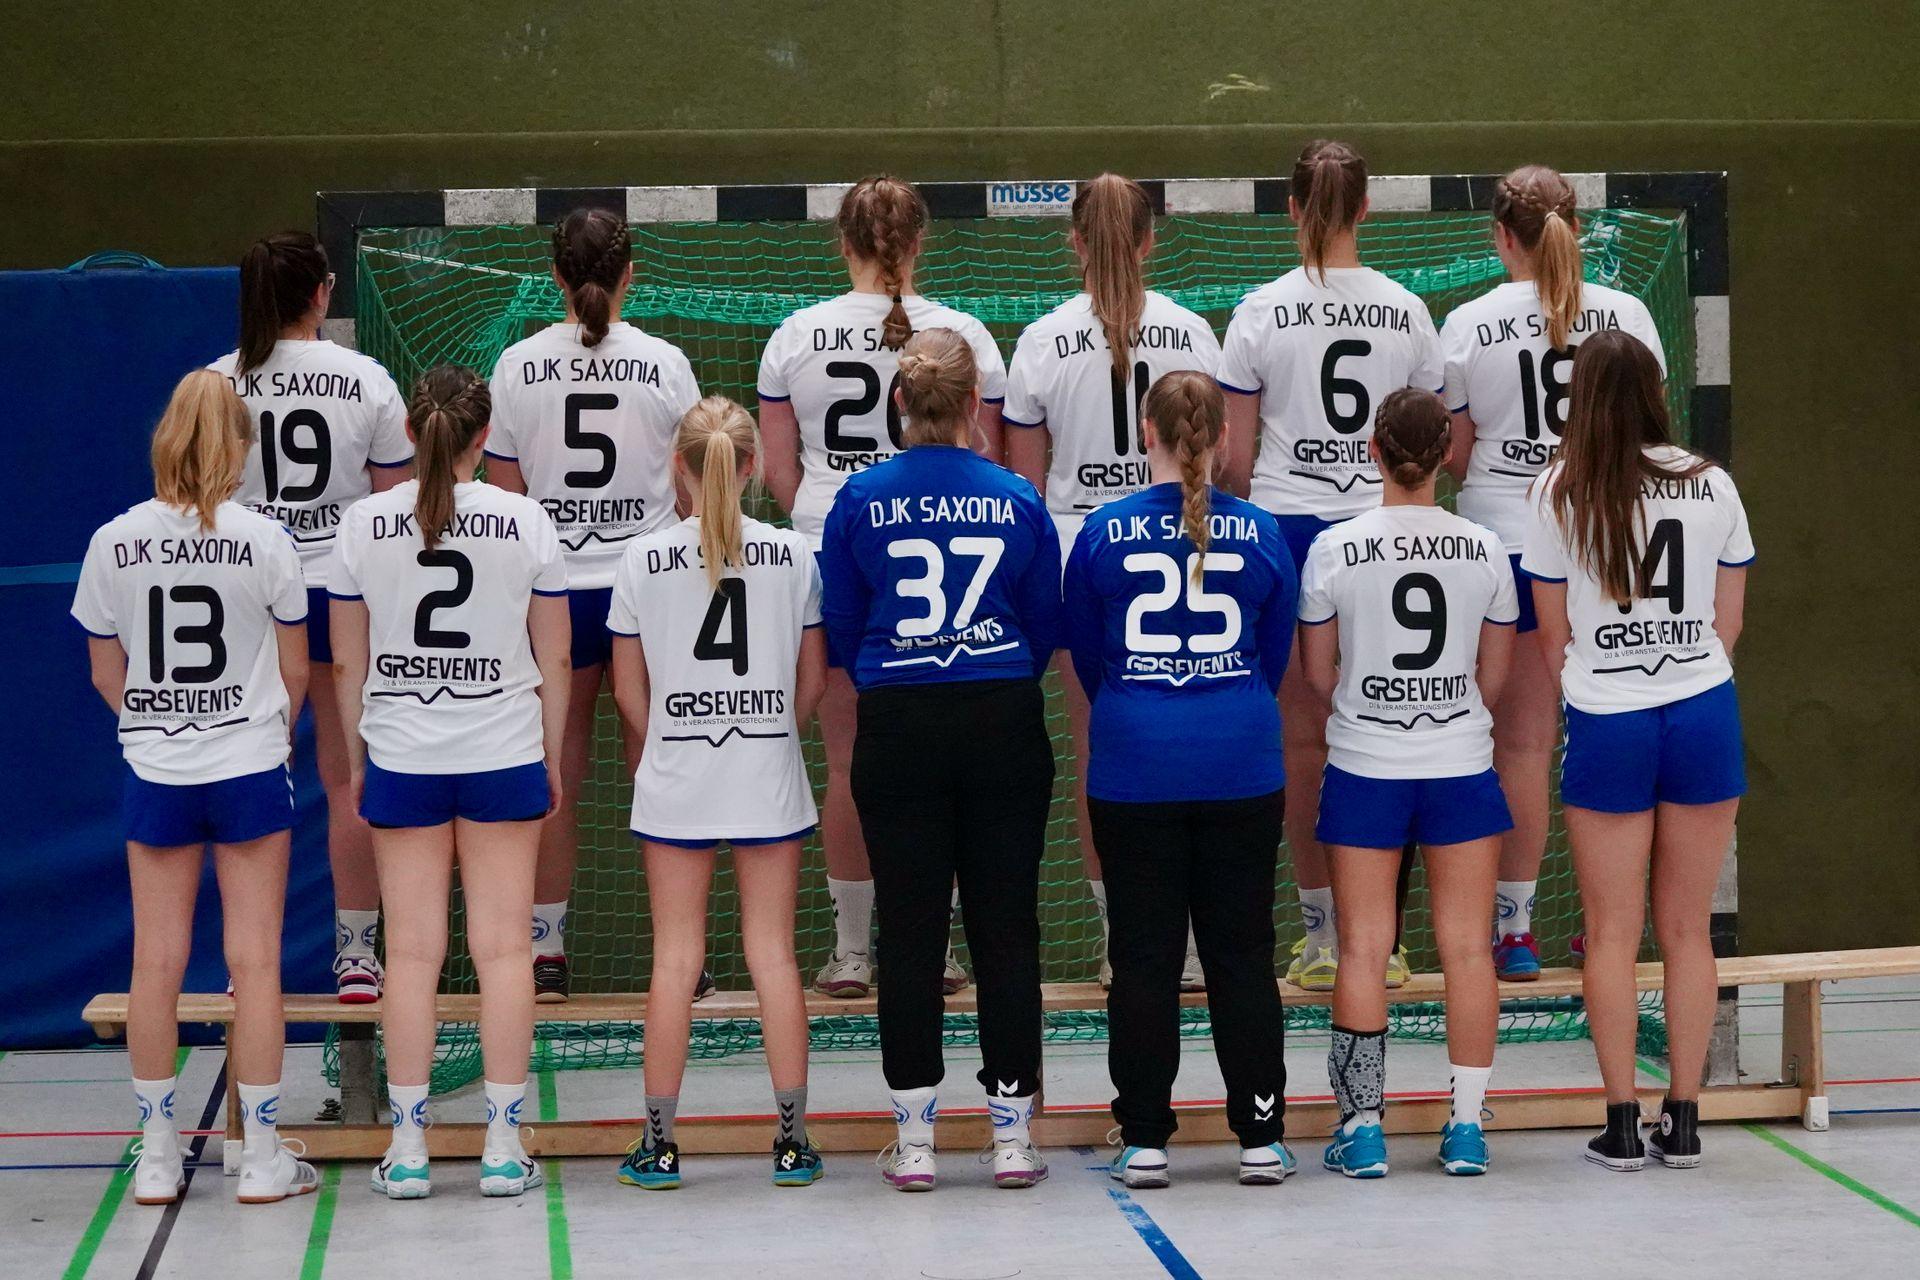 1. Damenmannschaft der DJK Saxonia Dortmund